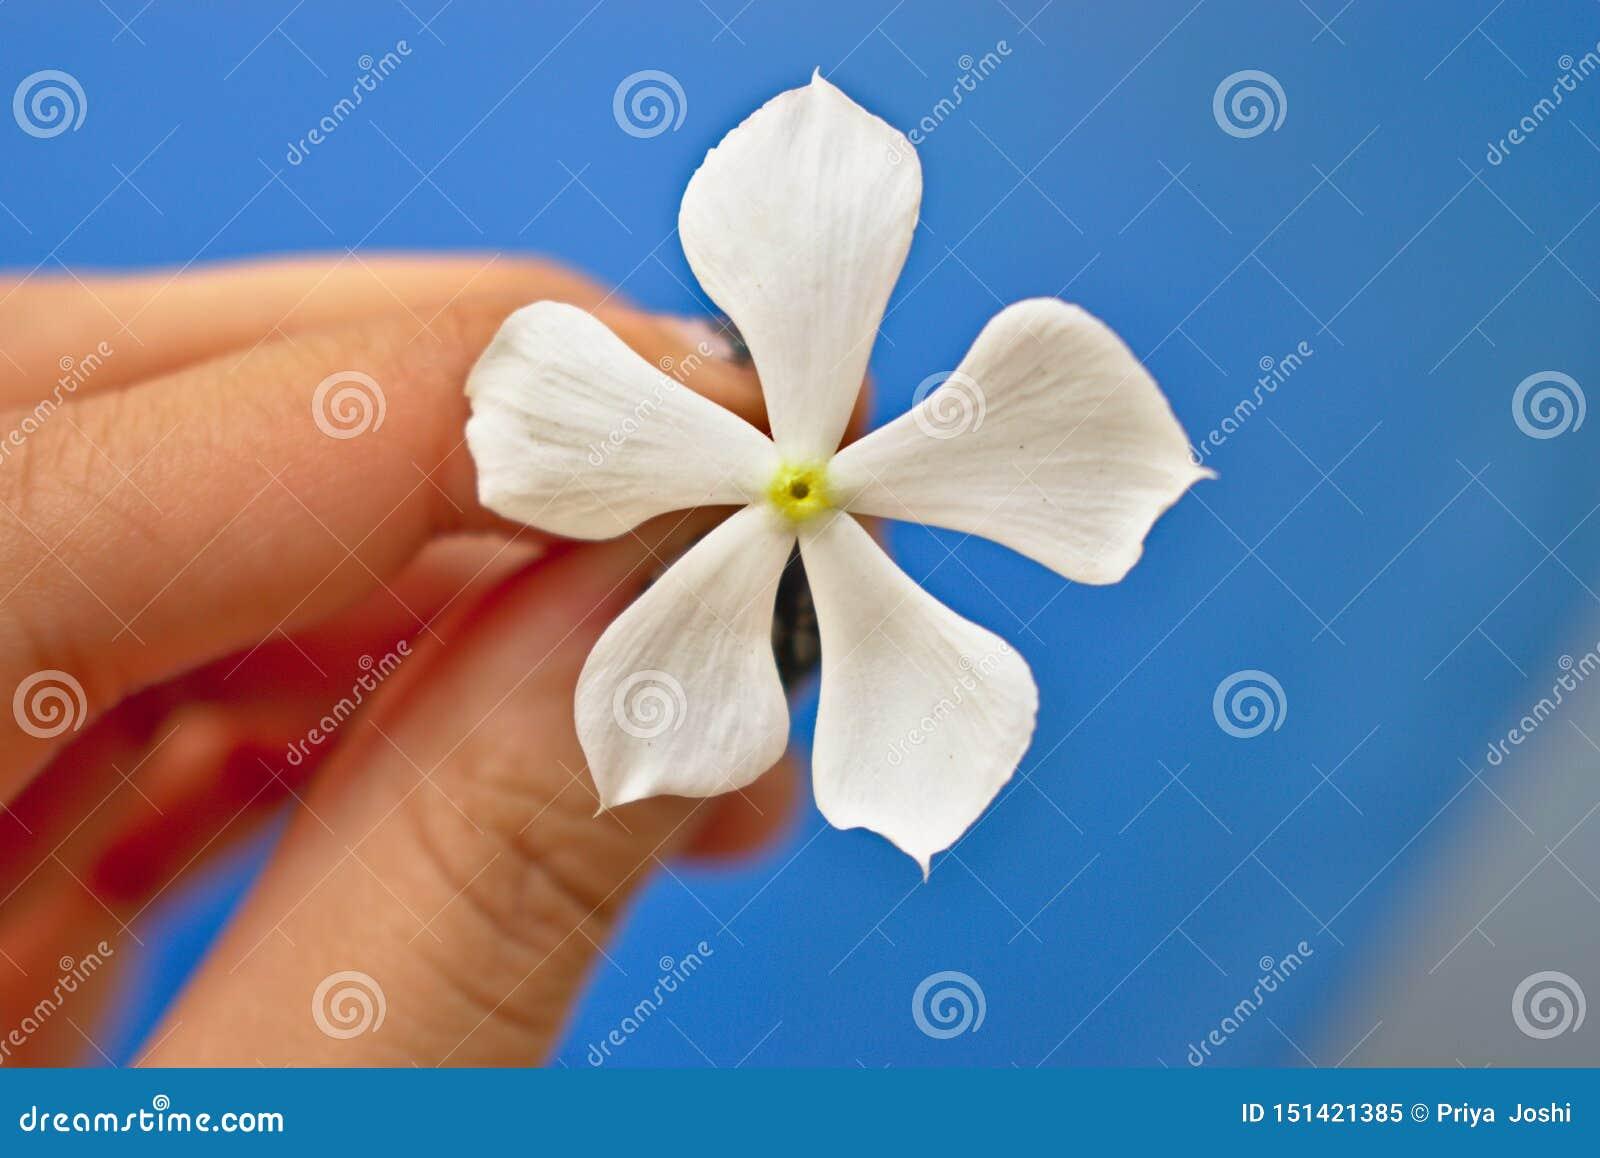 Witte bloem in de hand van een meisje in de tuin met mooie blauwe bacbaachtergrond